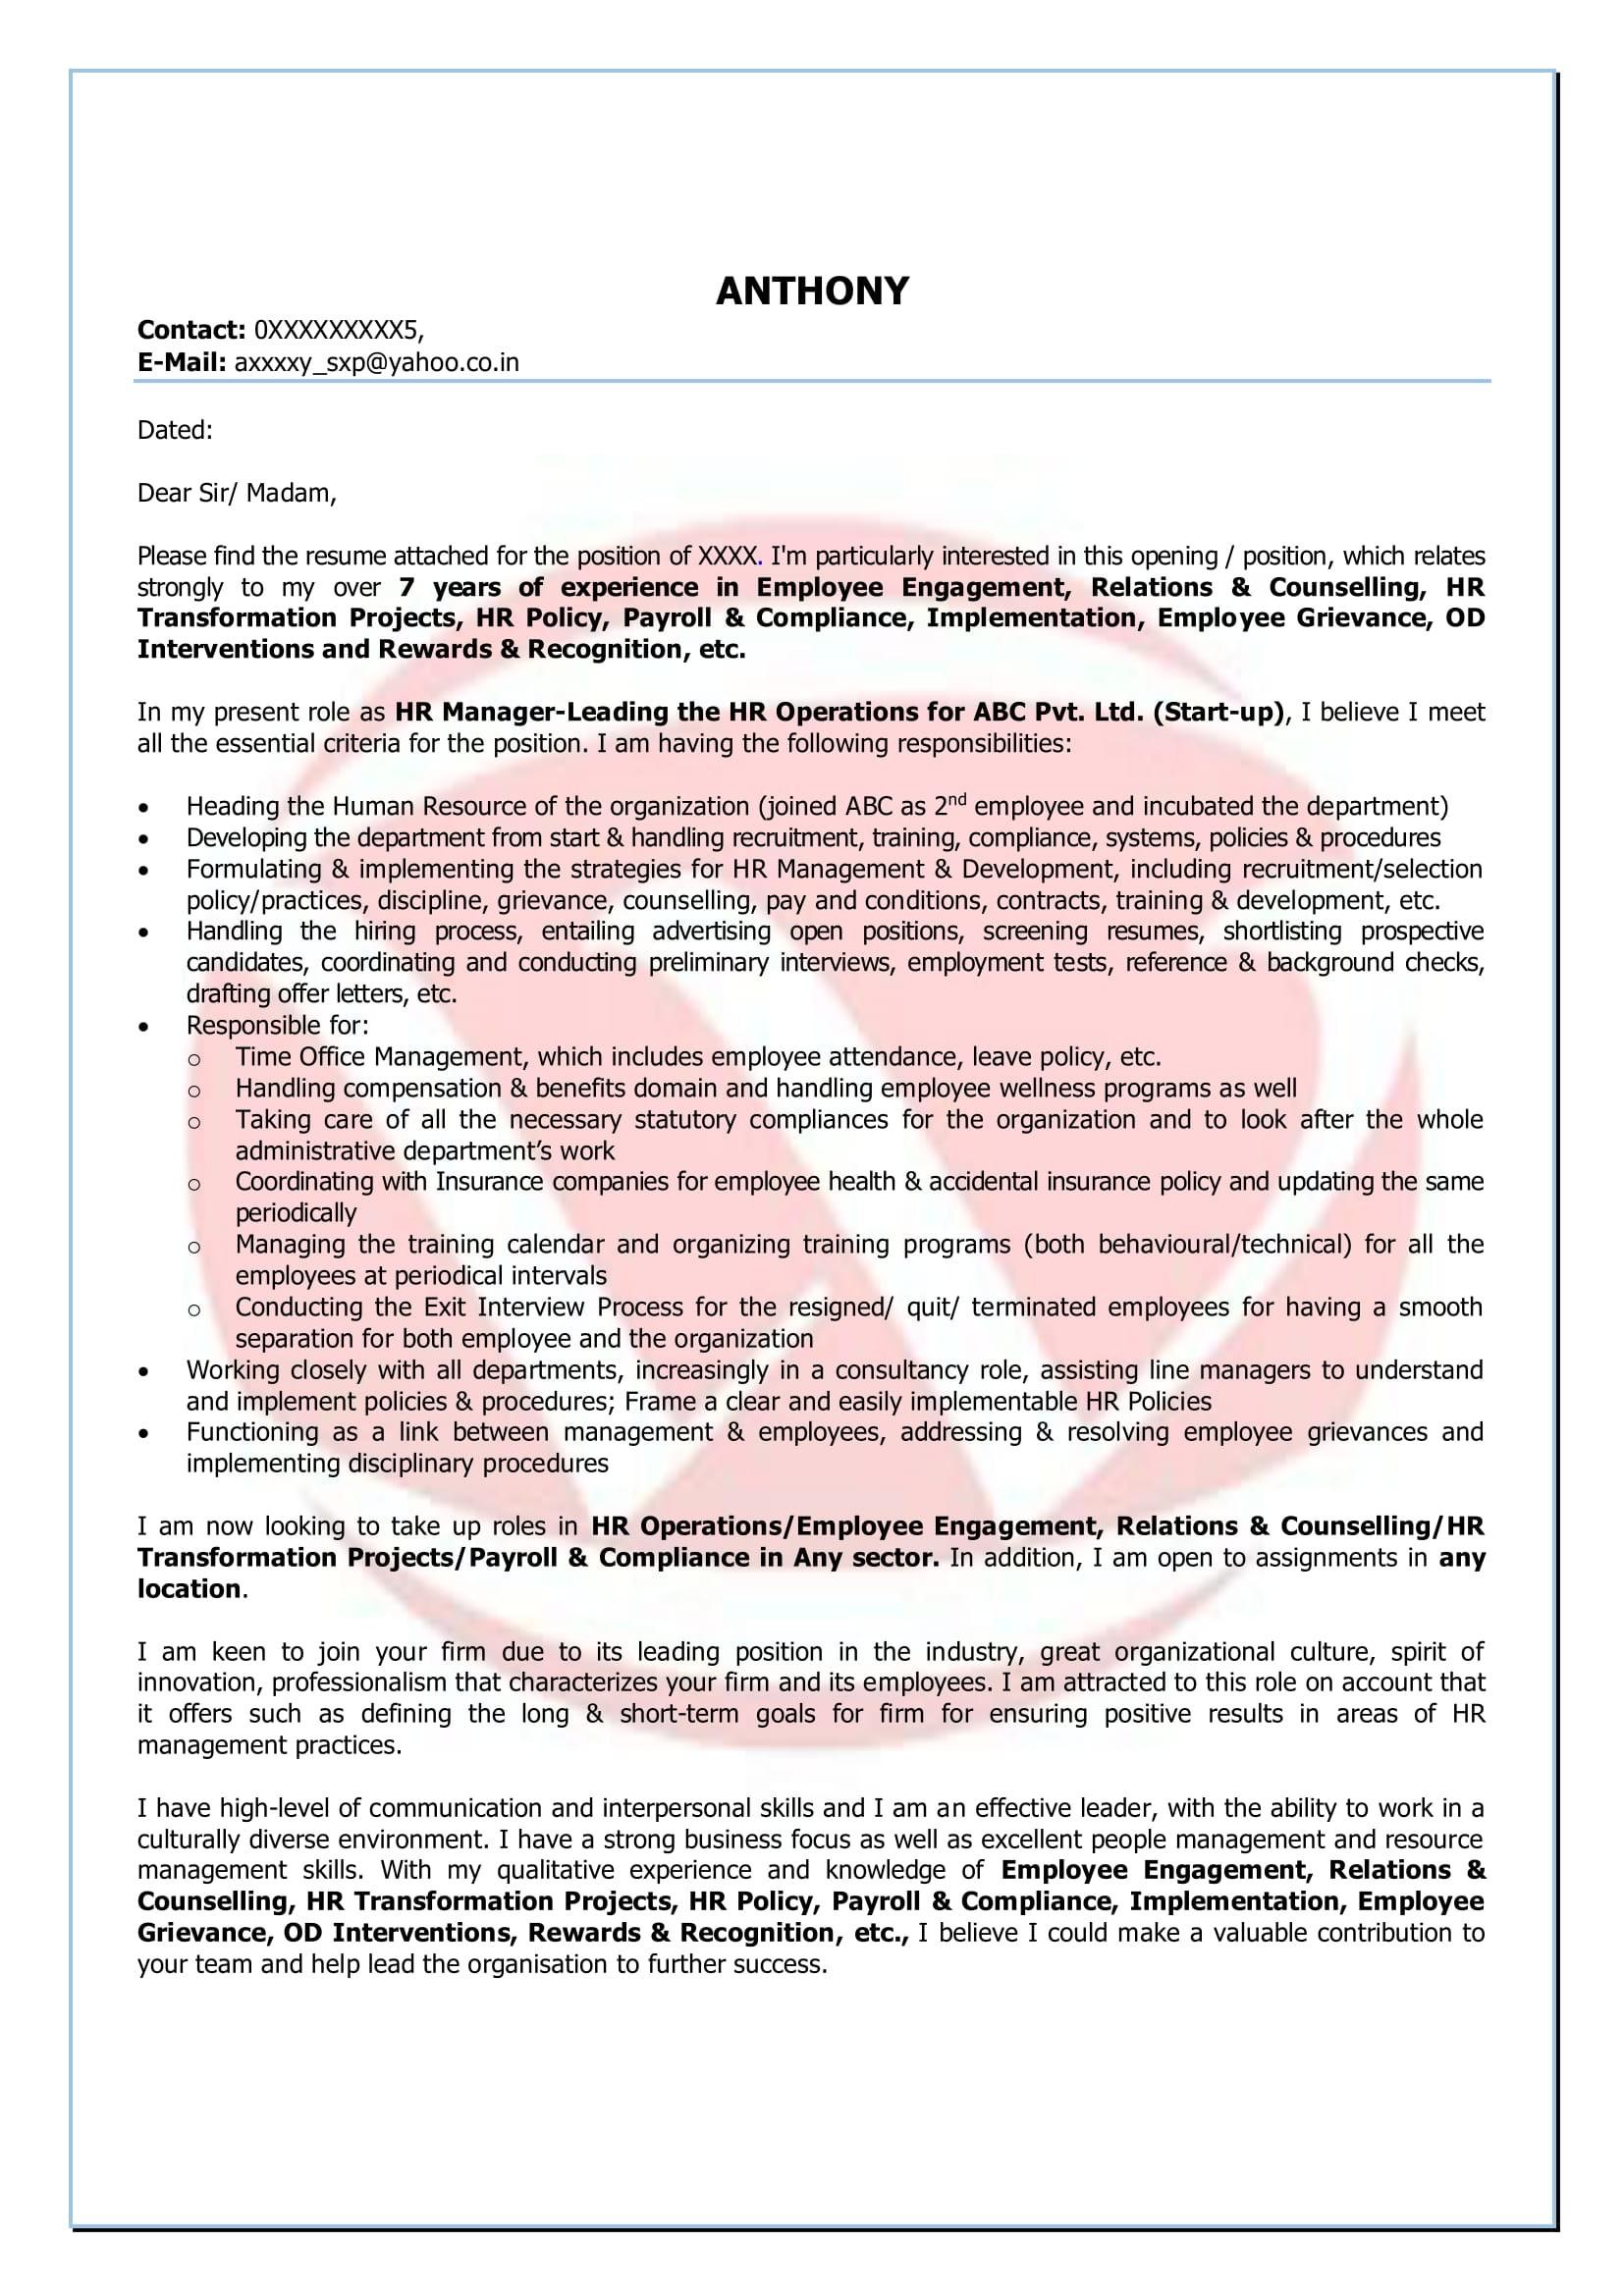 Letter for Job Offer Template - Job Fer Letter format In Saudi Arabia Best Production Sample